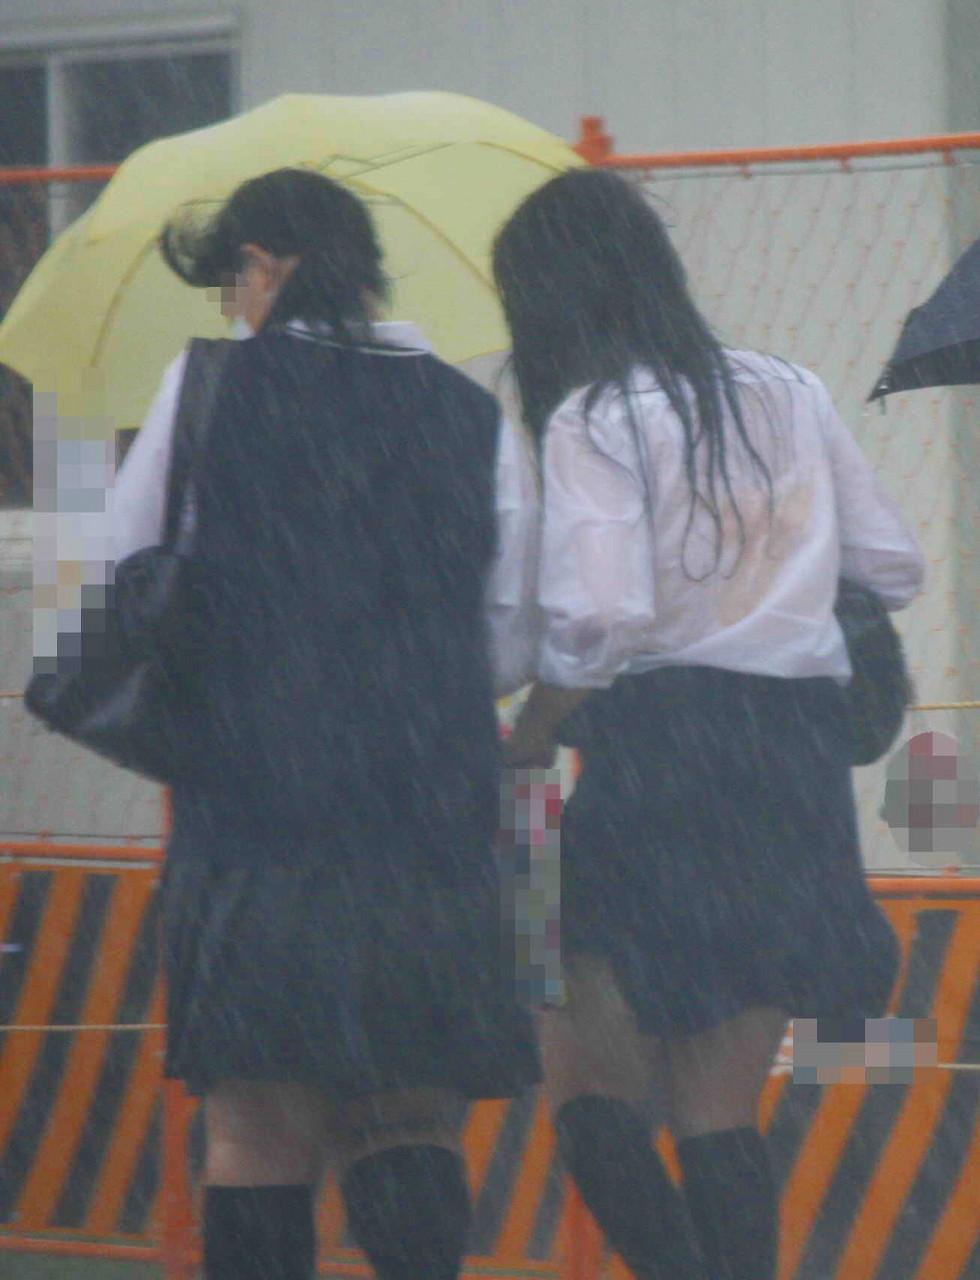 雨で制服が濡れてしまいブラがスケスケ!